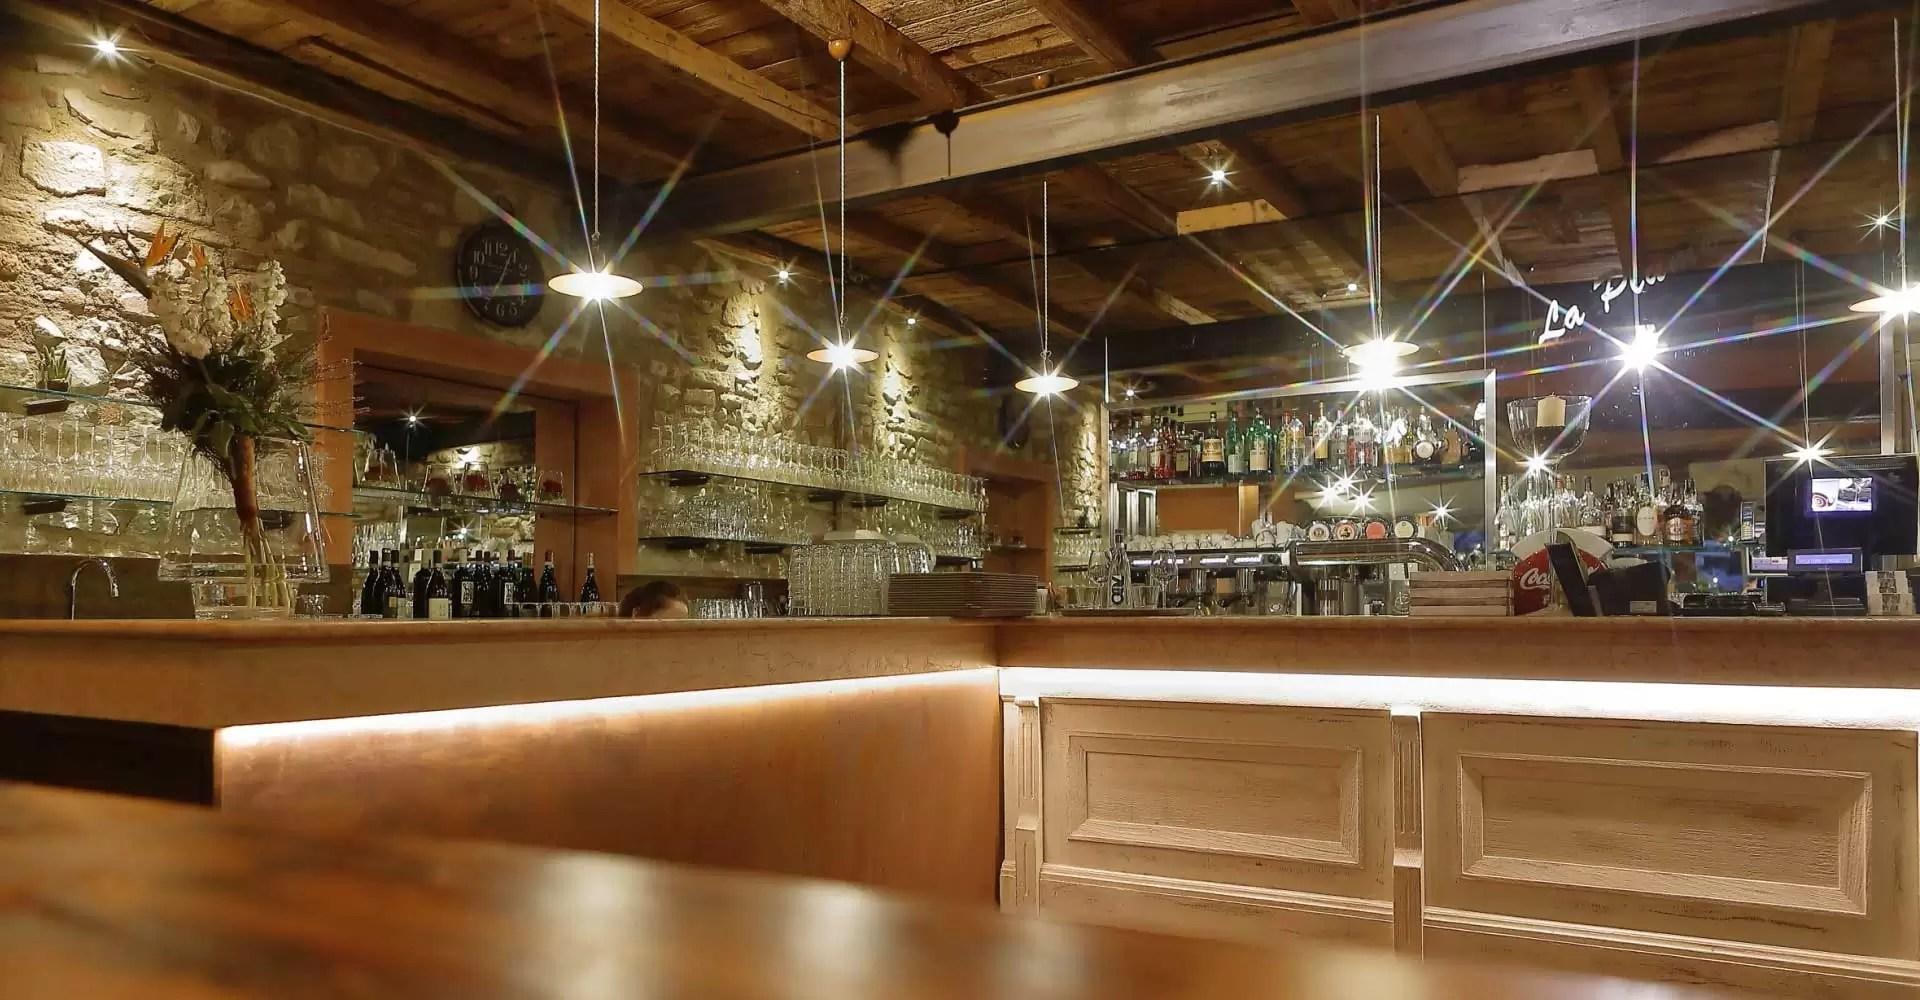 la-plume-Resort-ristoranti-Peschiera-del-garda-lago-di-garda